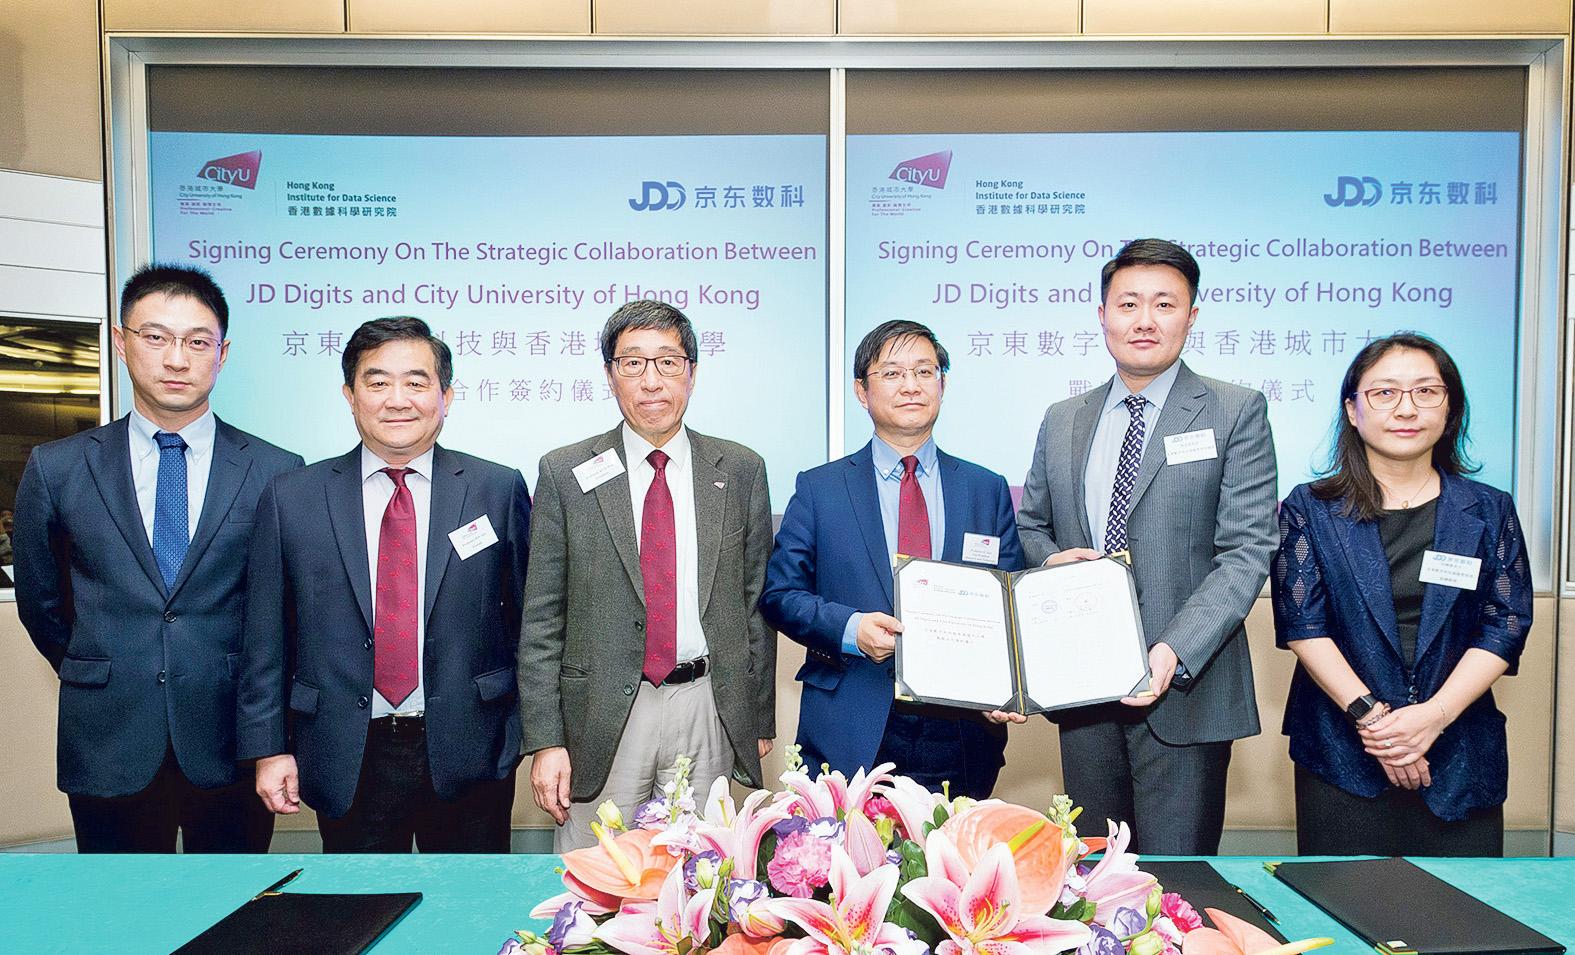 城大與京東數字科技共同設立「京東數字科技——香港城市大學金 融科技與工程聯合實驗室」,在不同領域展開研究,一起為金融市 場發展提供創新解決方案。